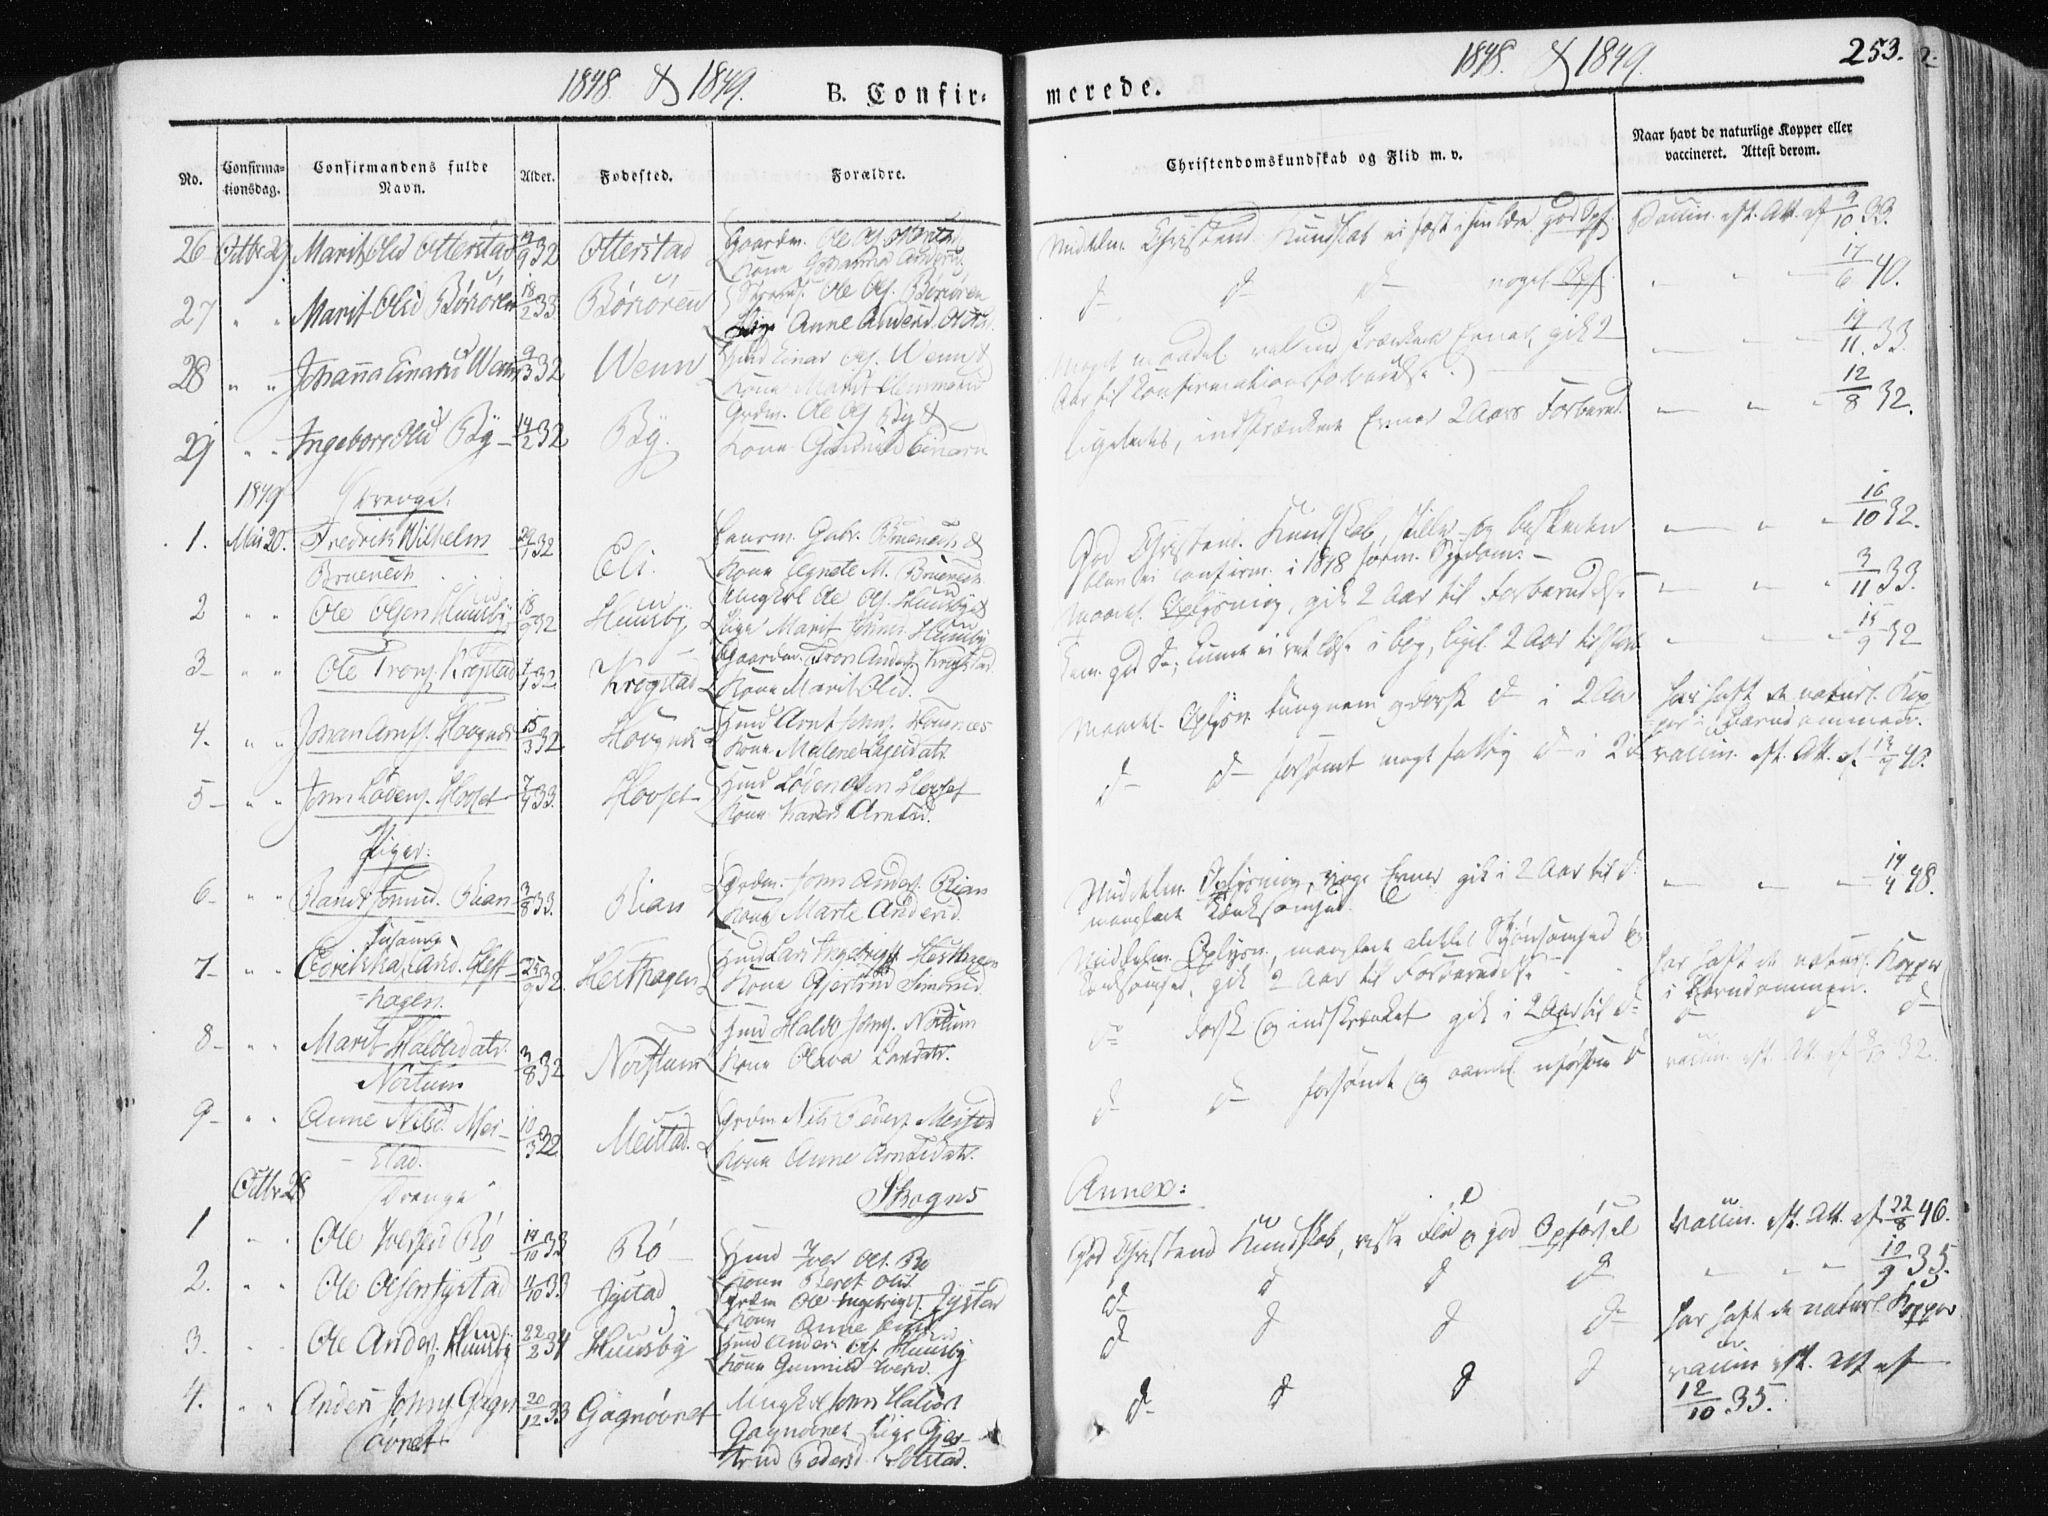 SAT, Ministerialprotokoller, klokkerbøker og fødselsregistre - Sør-Trøndelag, 665/L0771: Ministerialbok nr. 665A06, 1830-1856, s. 253